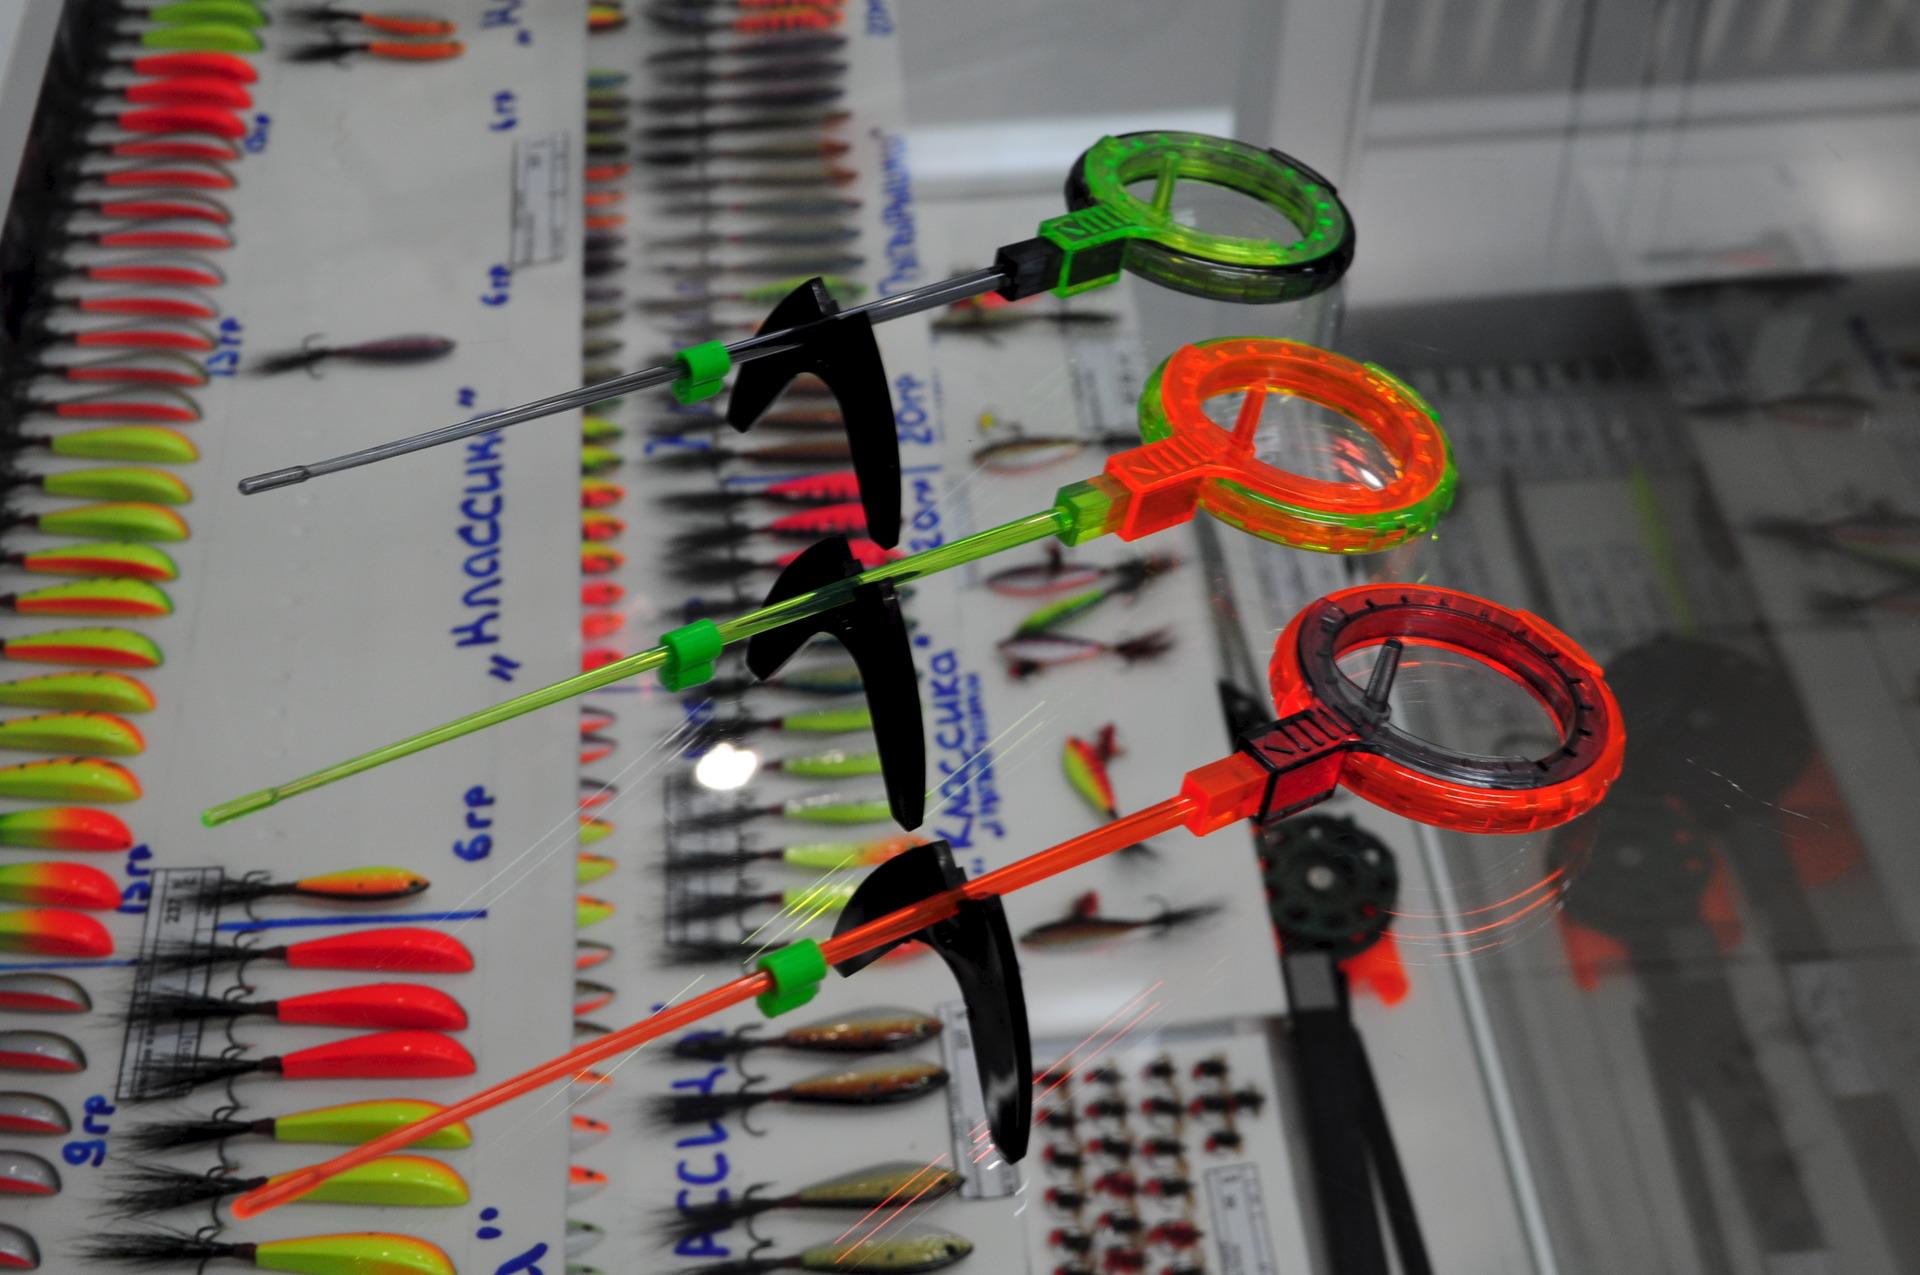 бизнес план как открыть рыболовный магазин с нуля